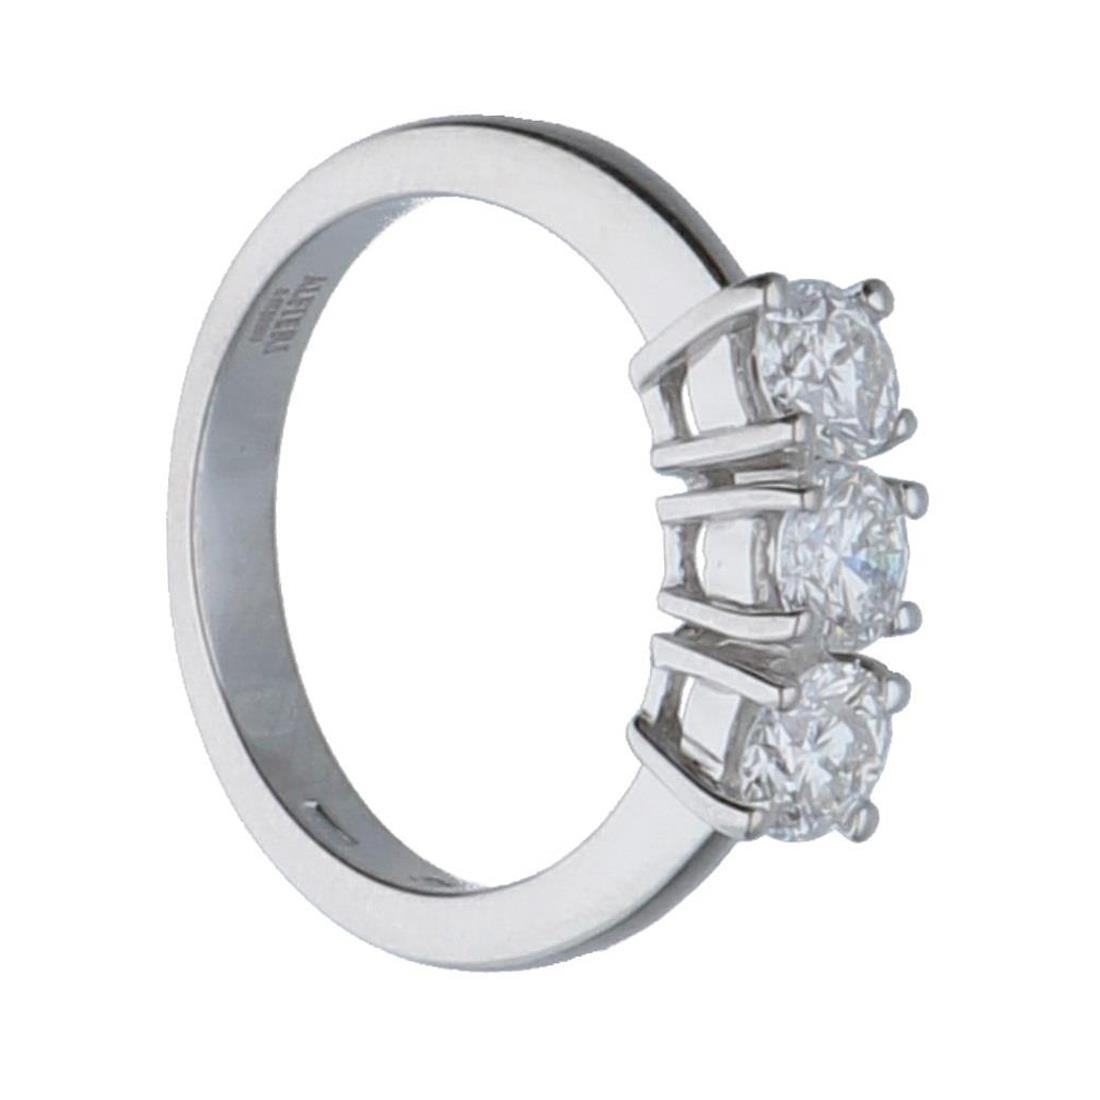 Anello trilogy in oro bianco con diamanti mis 13 - ALFIERI & ST. JOHN